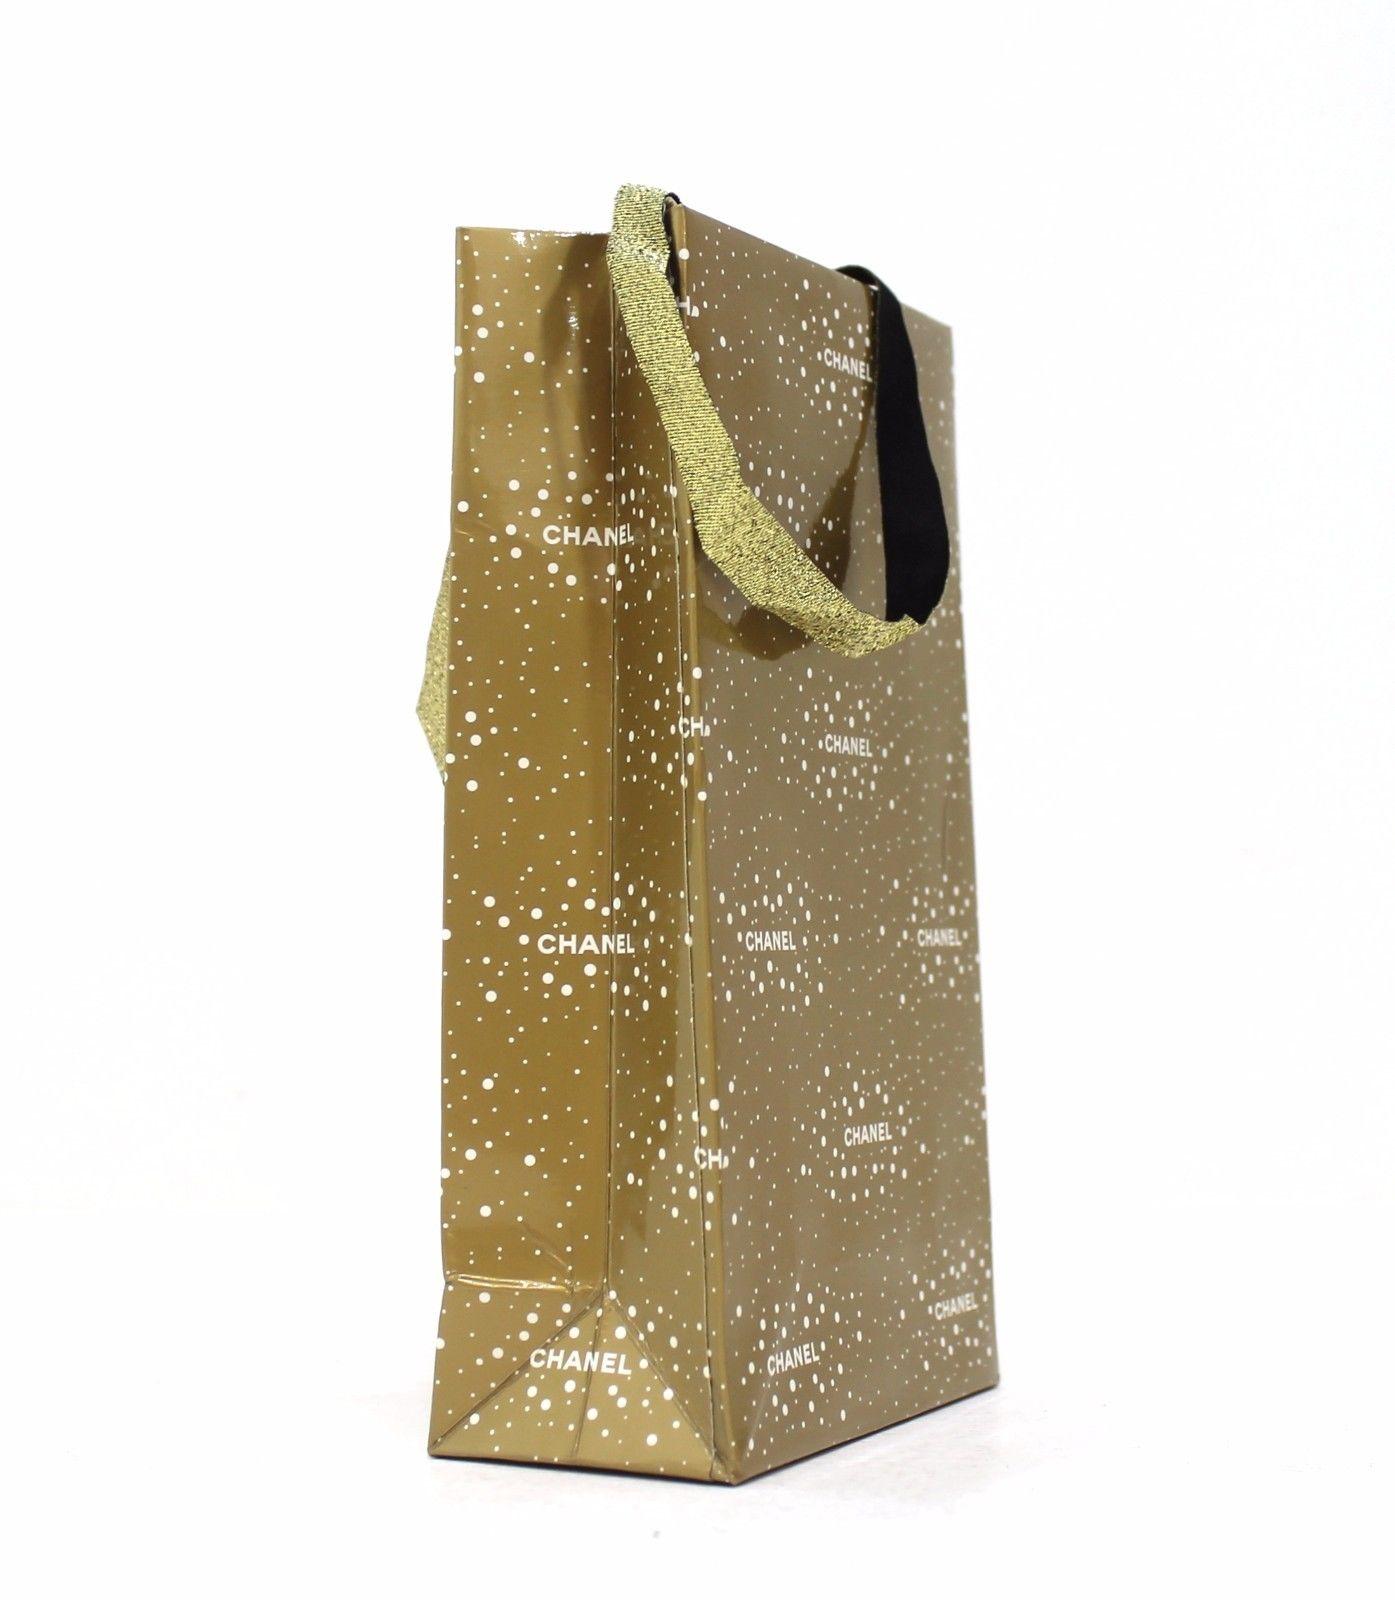 cdfc37ee59a54 Chanel mała oryginalna torebka prezentowa, złota, - 7491209229 ...